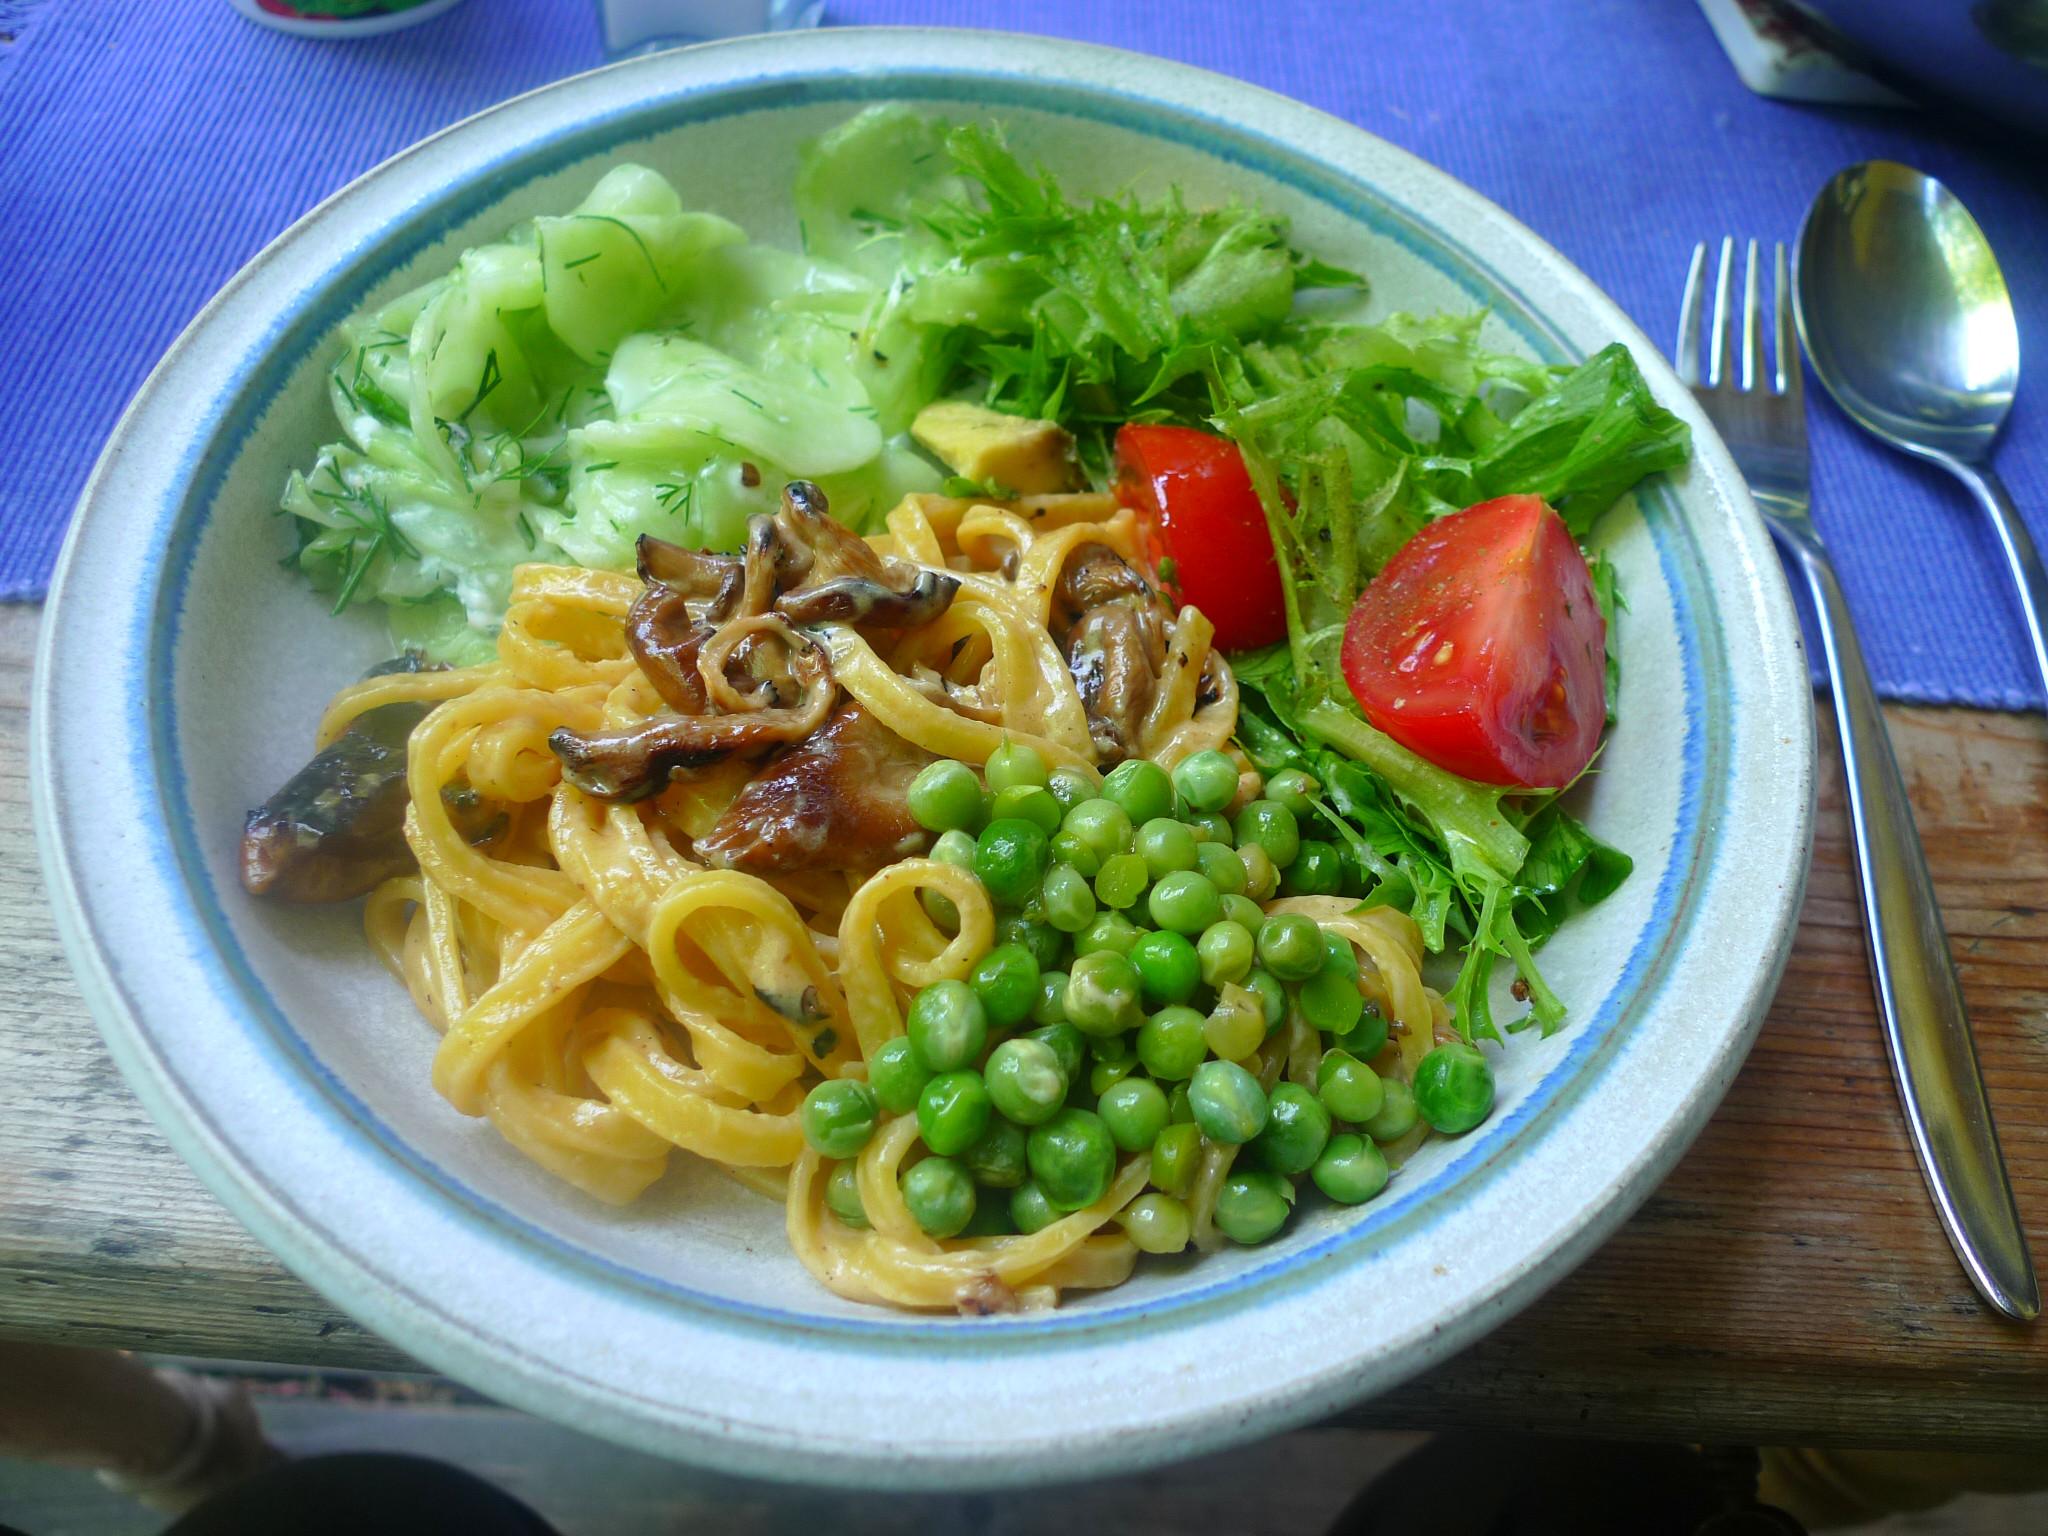 Nudeln-Austernpilze-Erbsen-Salate-3.7.2014 (8)